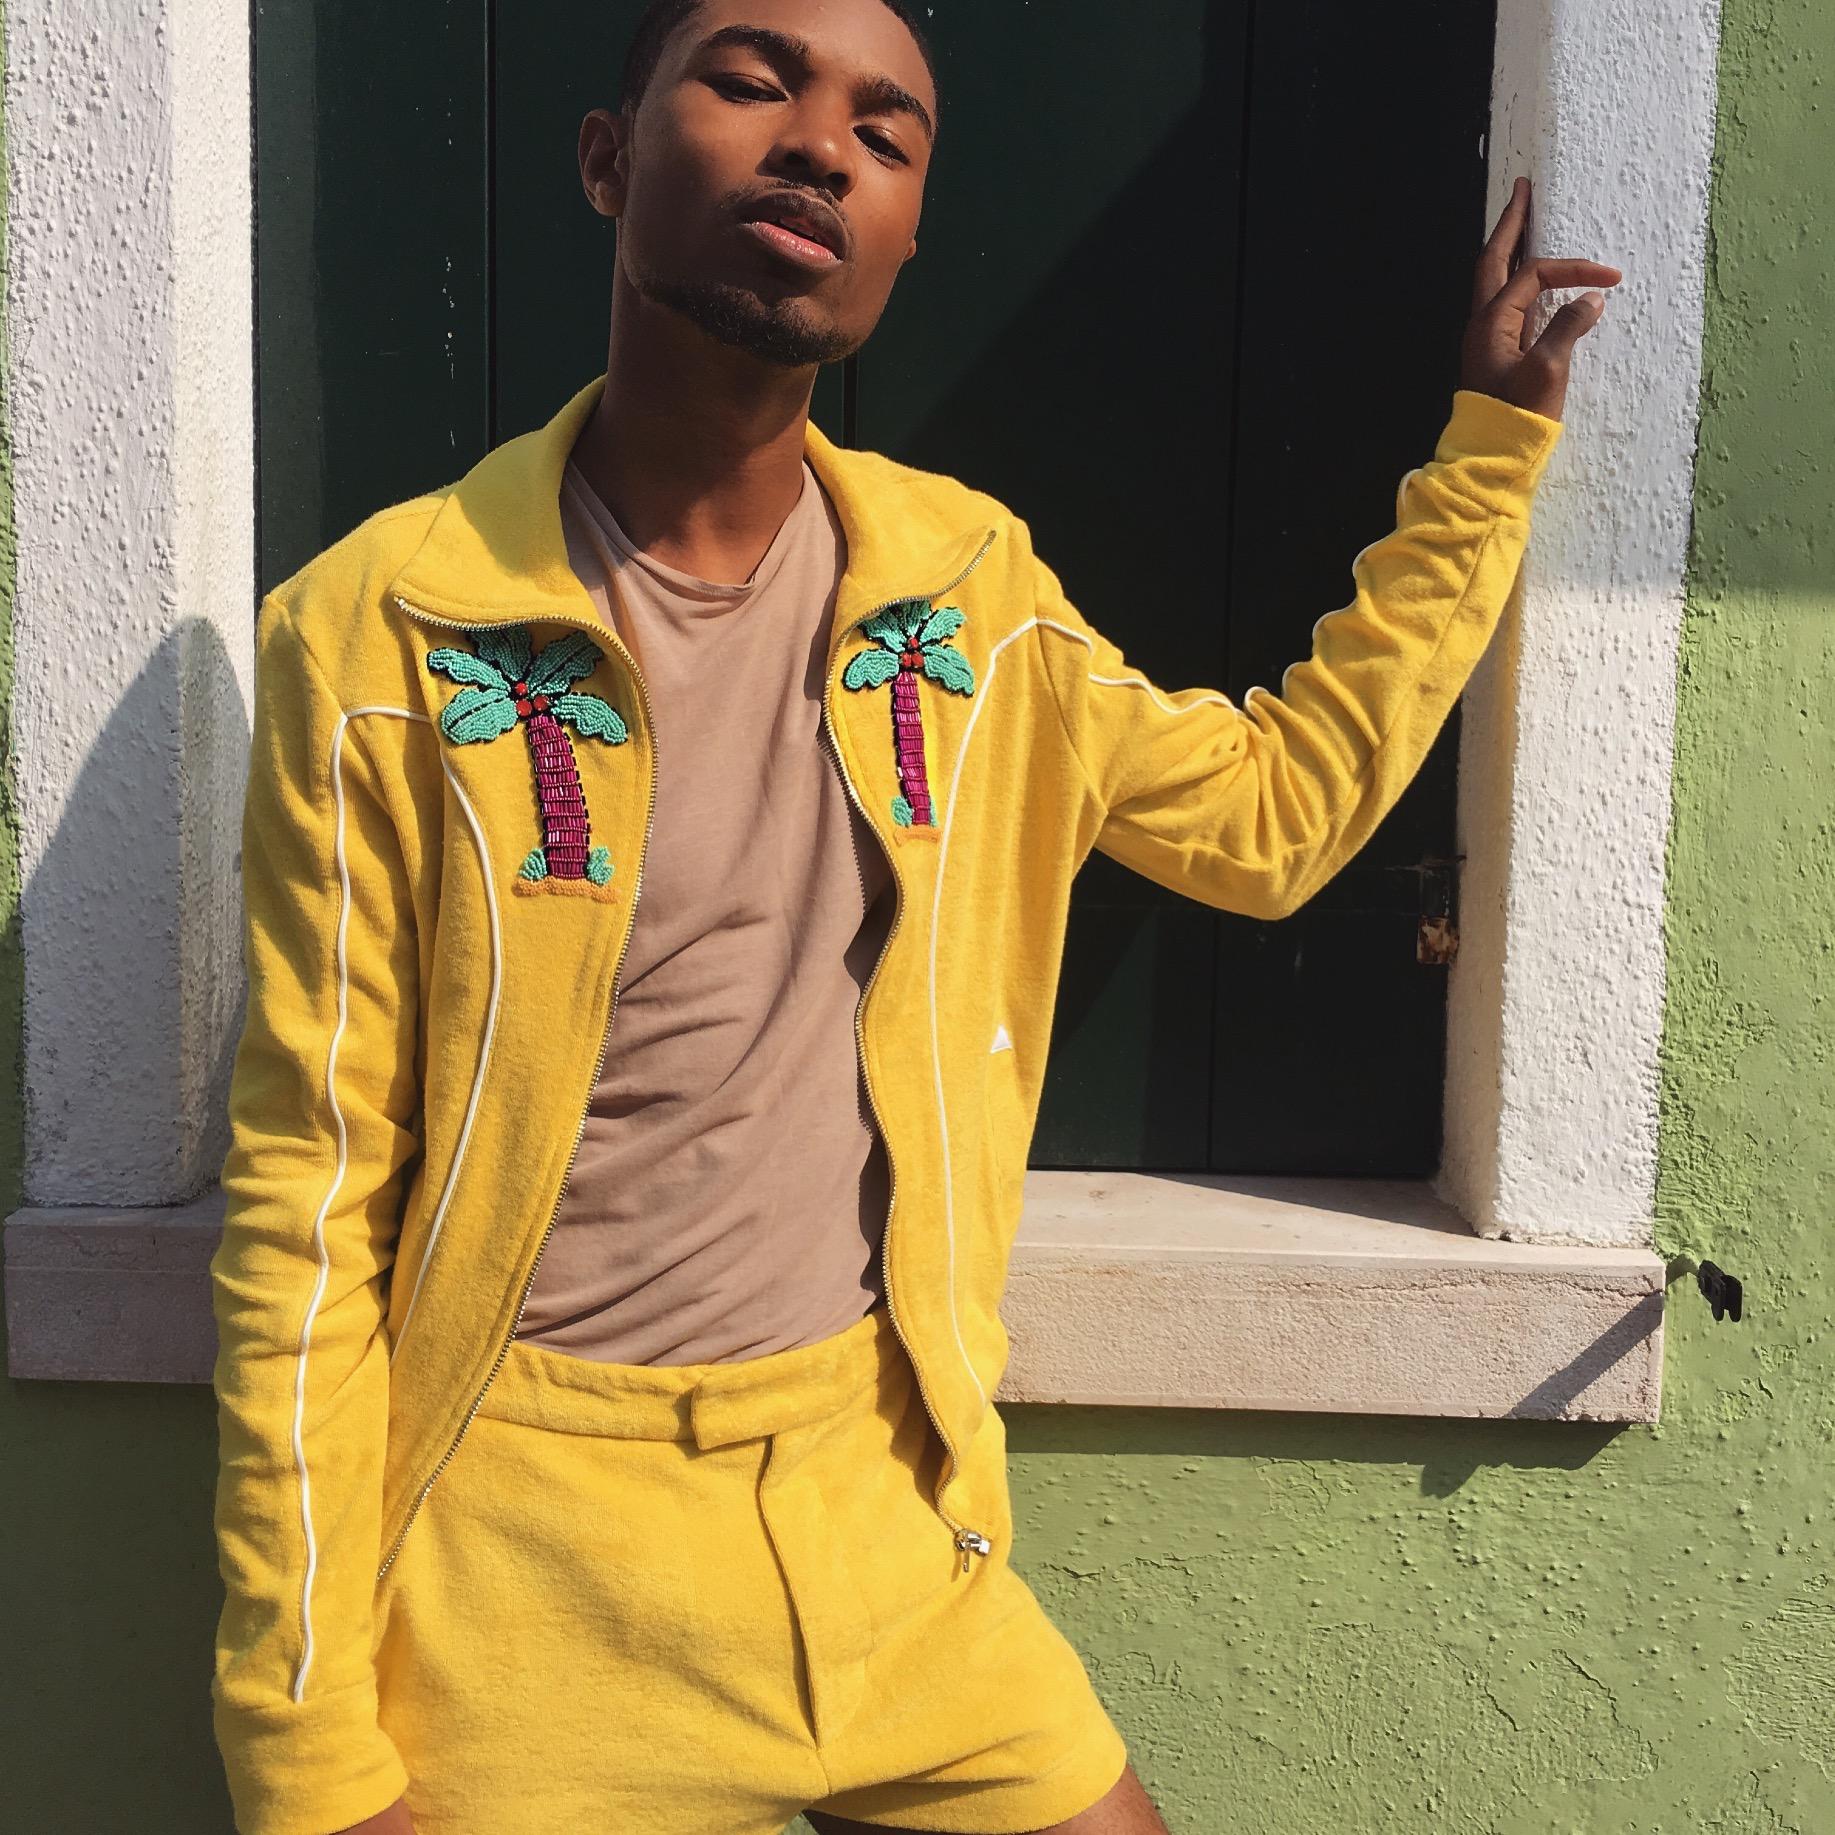 Jacket x Shorts -